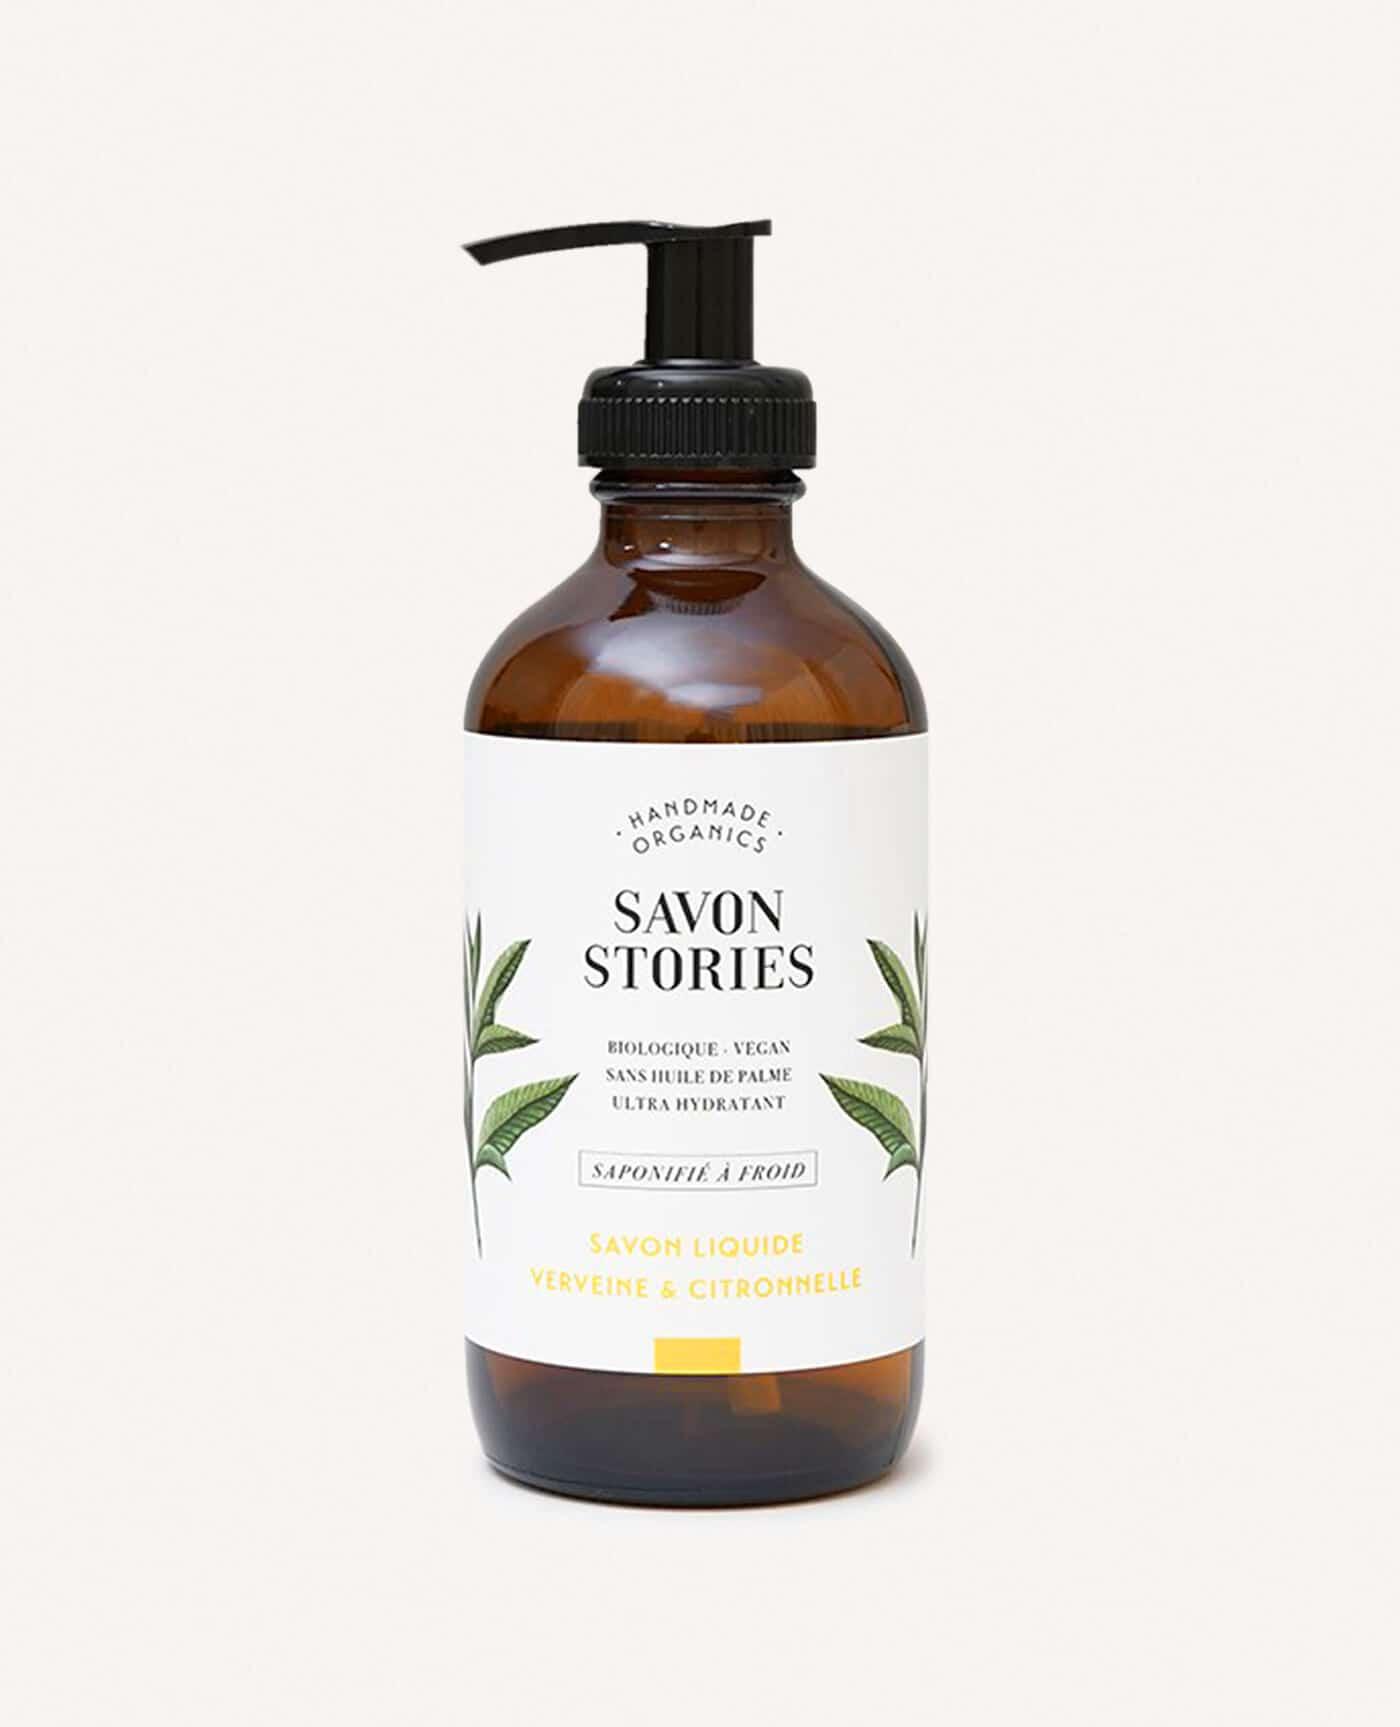 Savon liquide bio, naturel et vegan à la verveine et citronnelle de la marque Savon Stories made in france